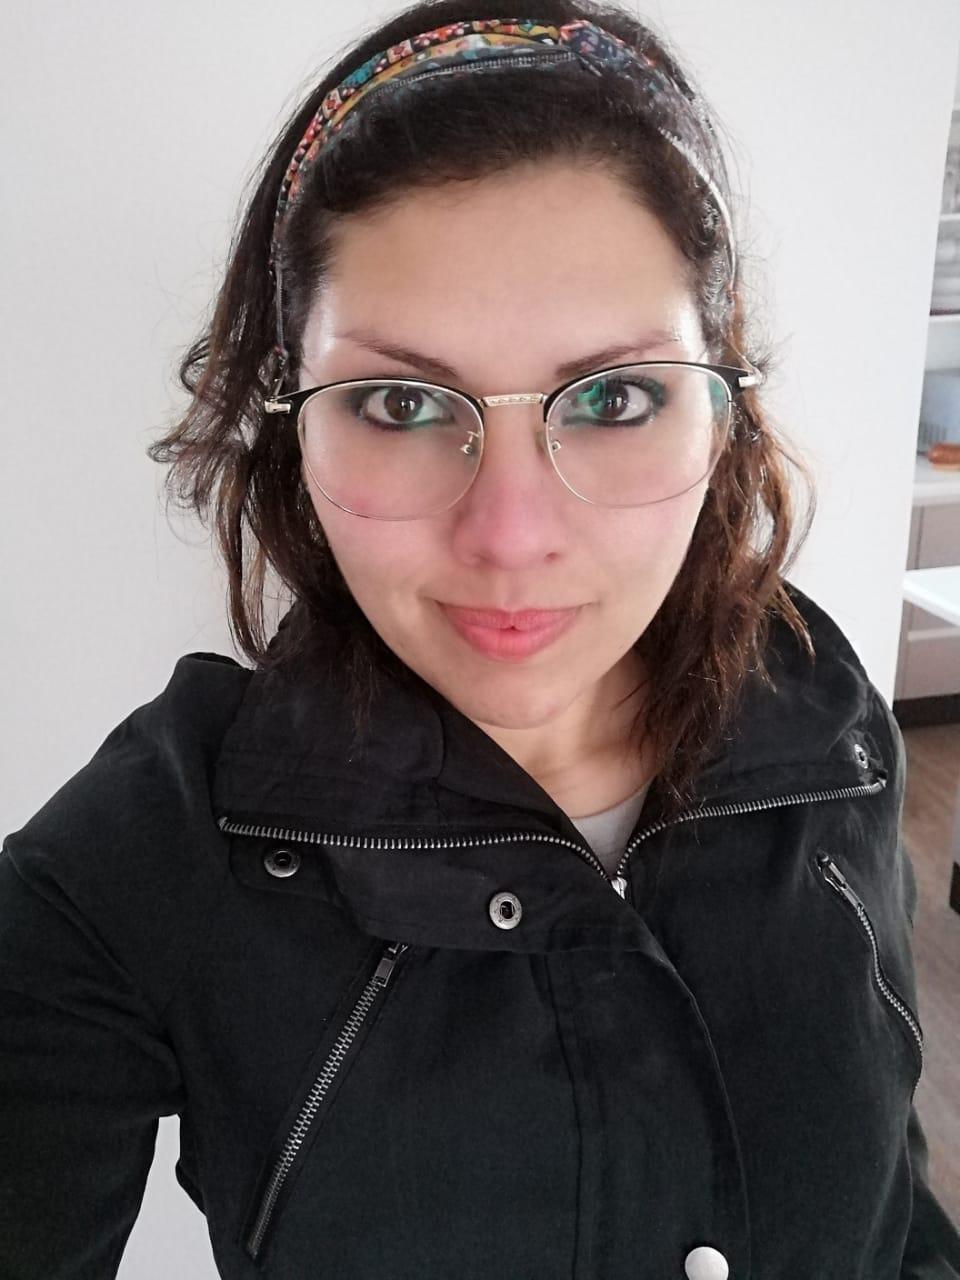 Priscilla Katherine Pino Rojas